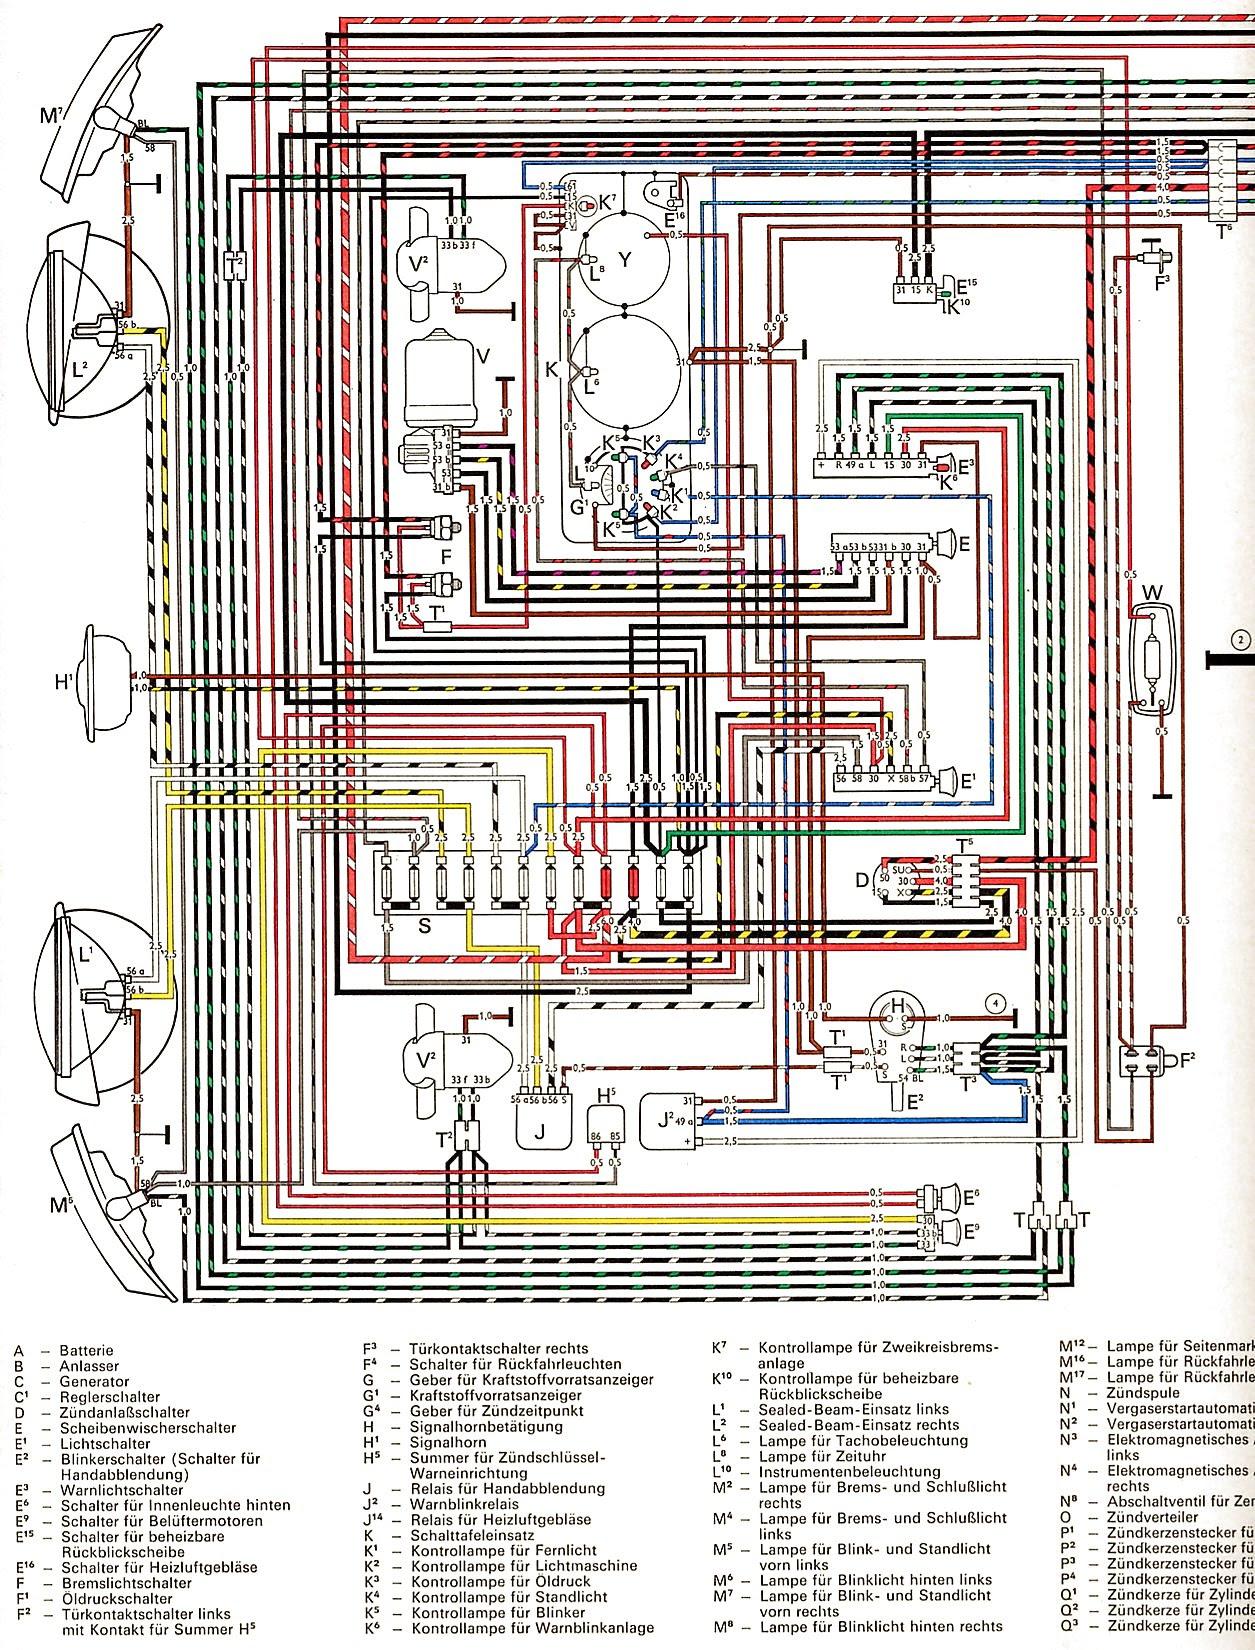 97 Jettum Engine Wiring Diagram - Wiring Diagram Networks | 97 Pat Tdi Wiring Diagram |  | Wiring Diagram Networks - blogger